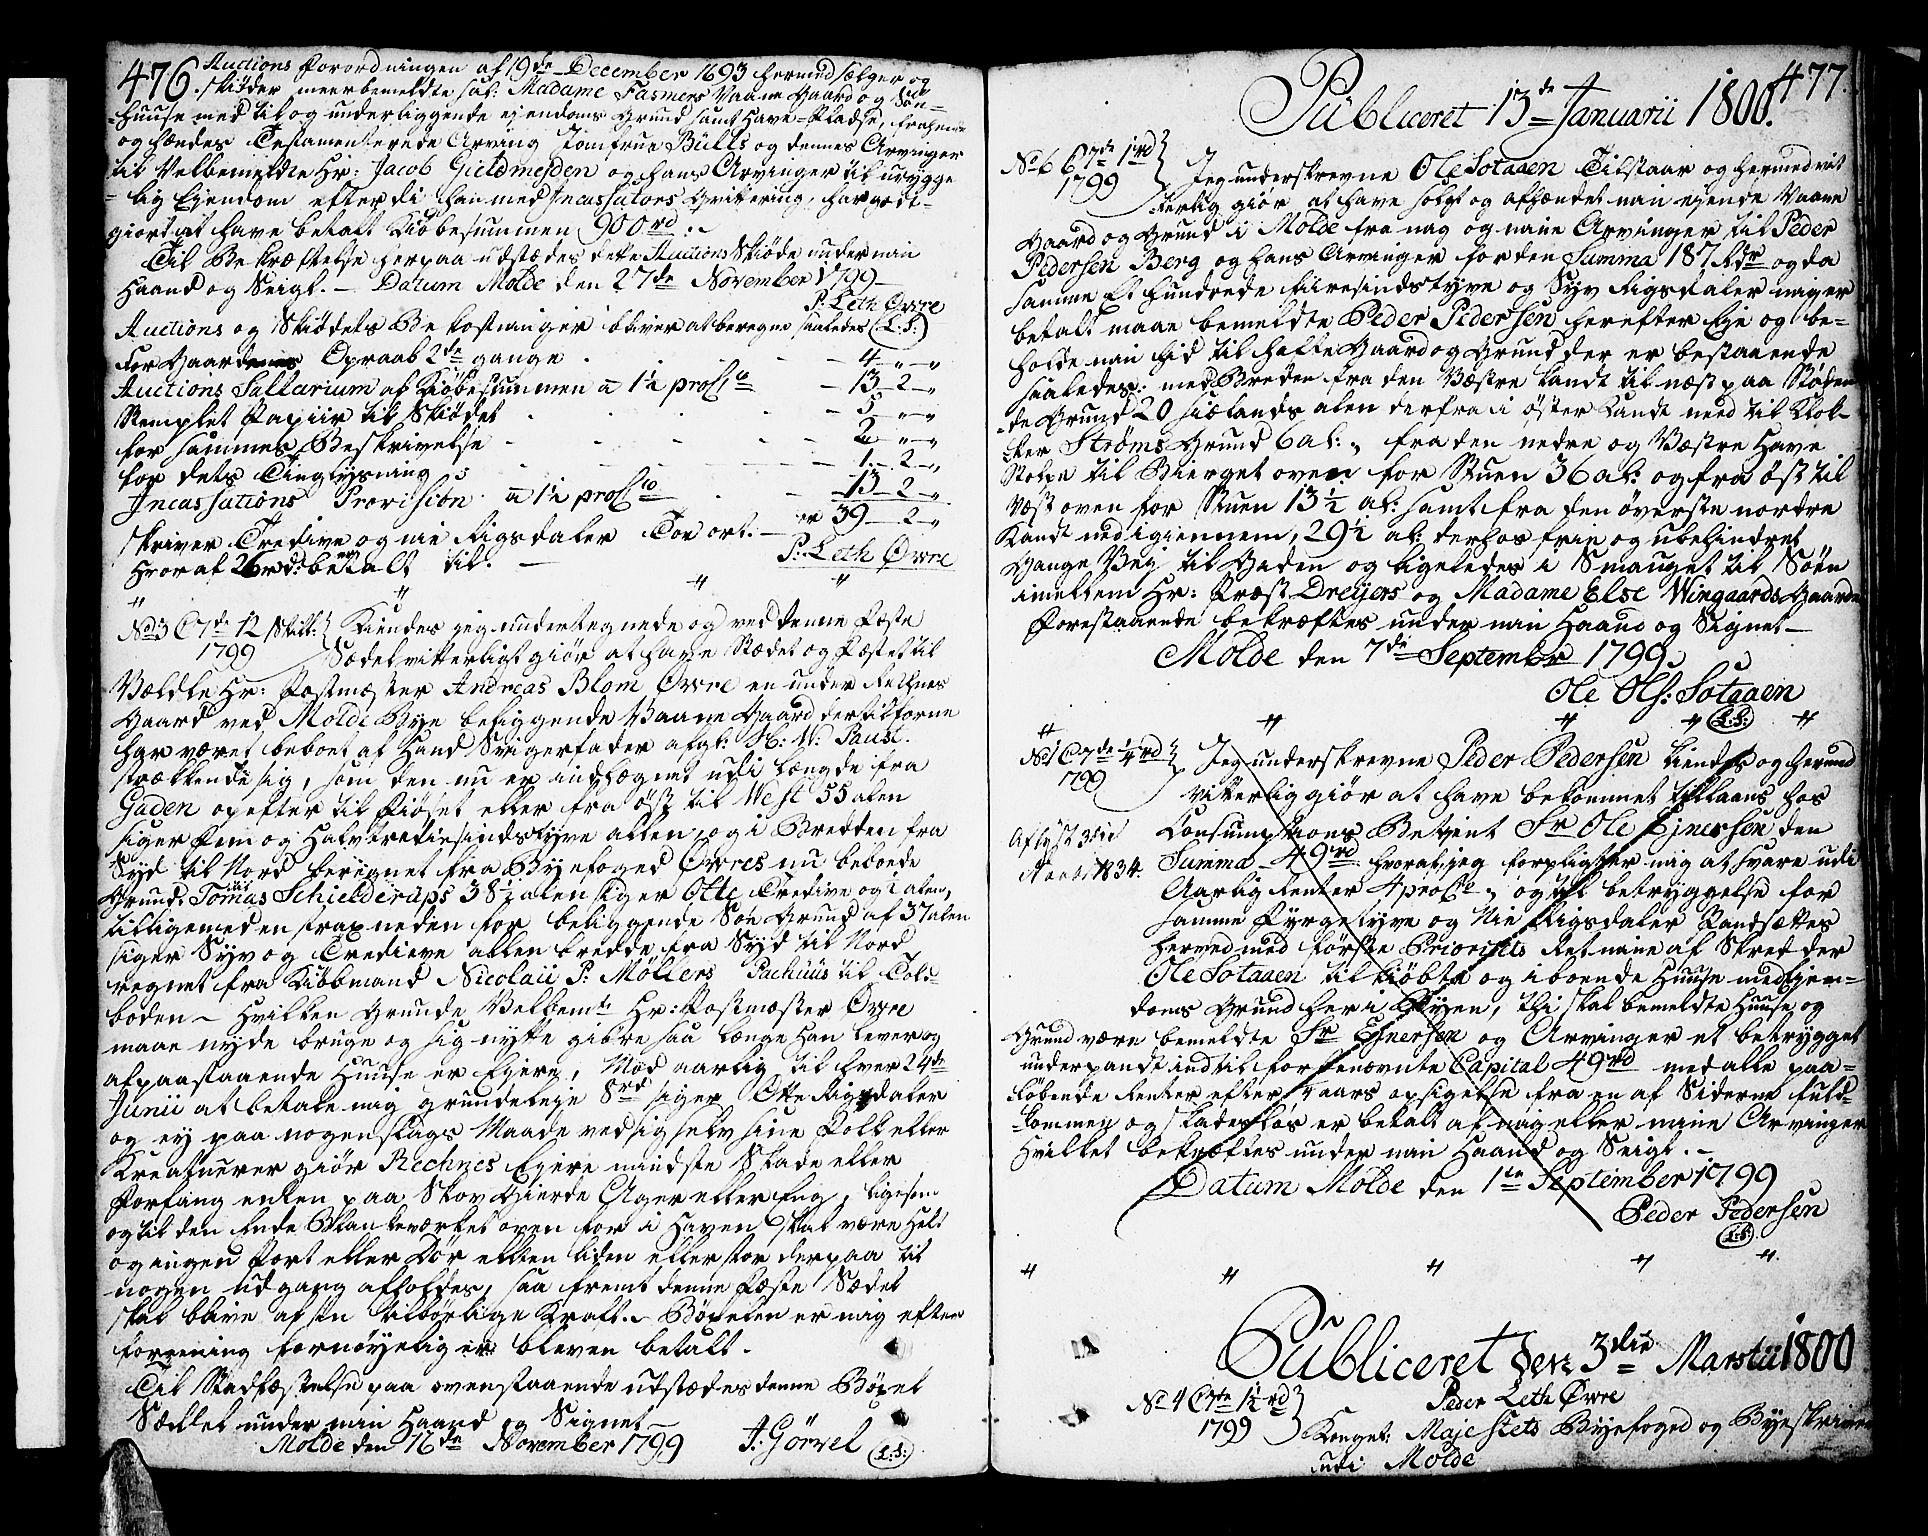 SAT, Molde byfogd, 2/2C/L0001: Pantebok nr. 1, 1748-1823, s. 476-477